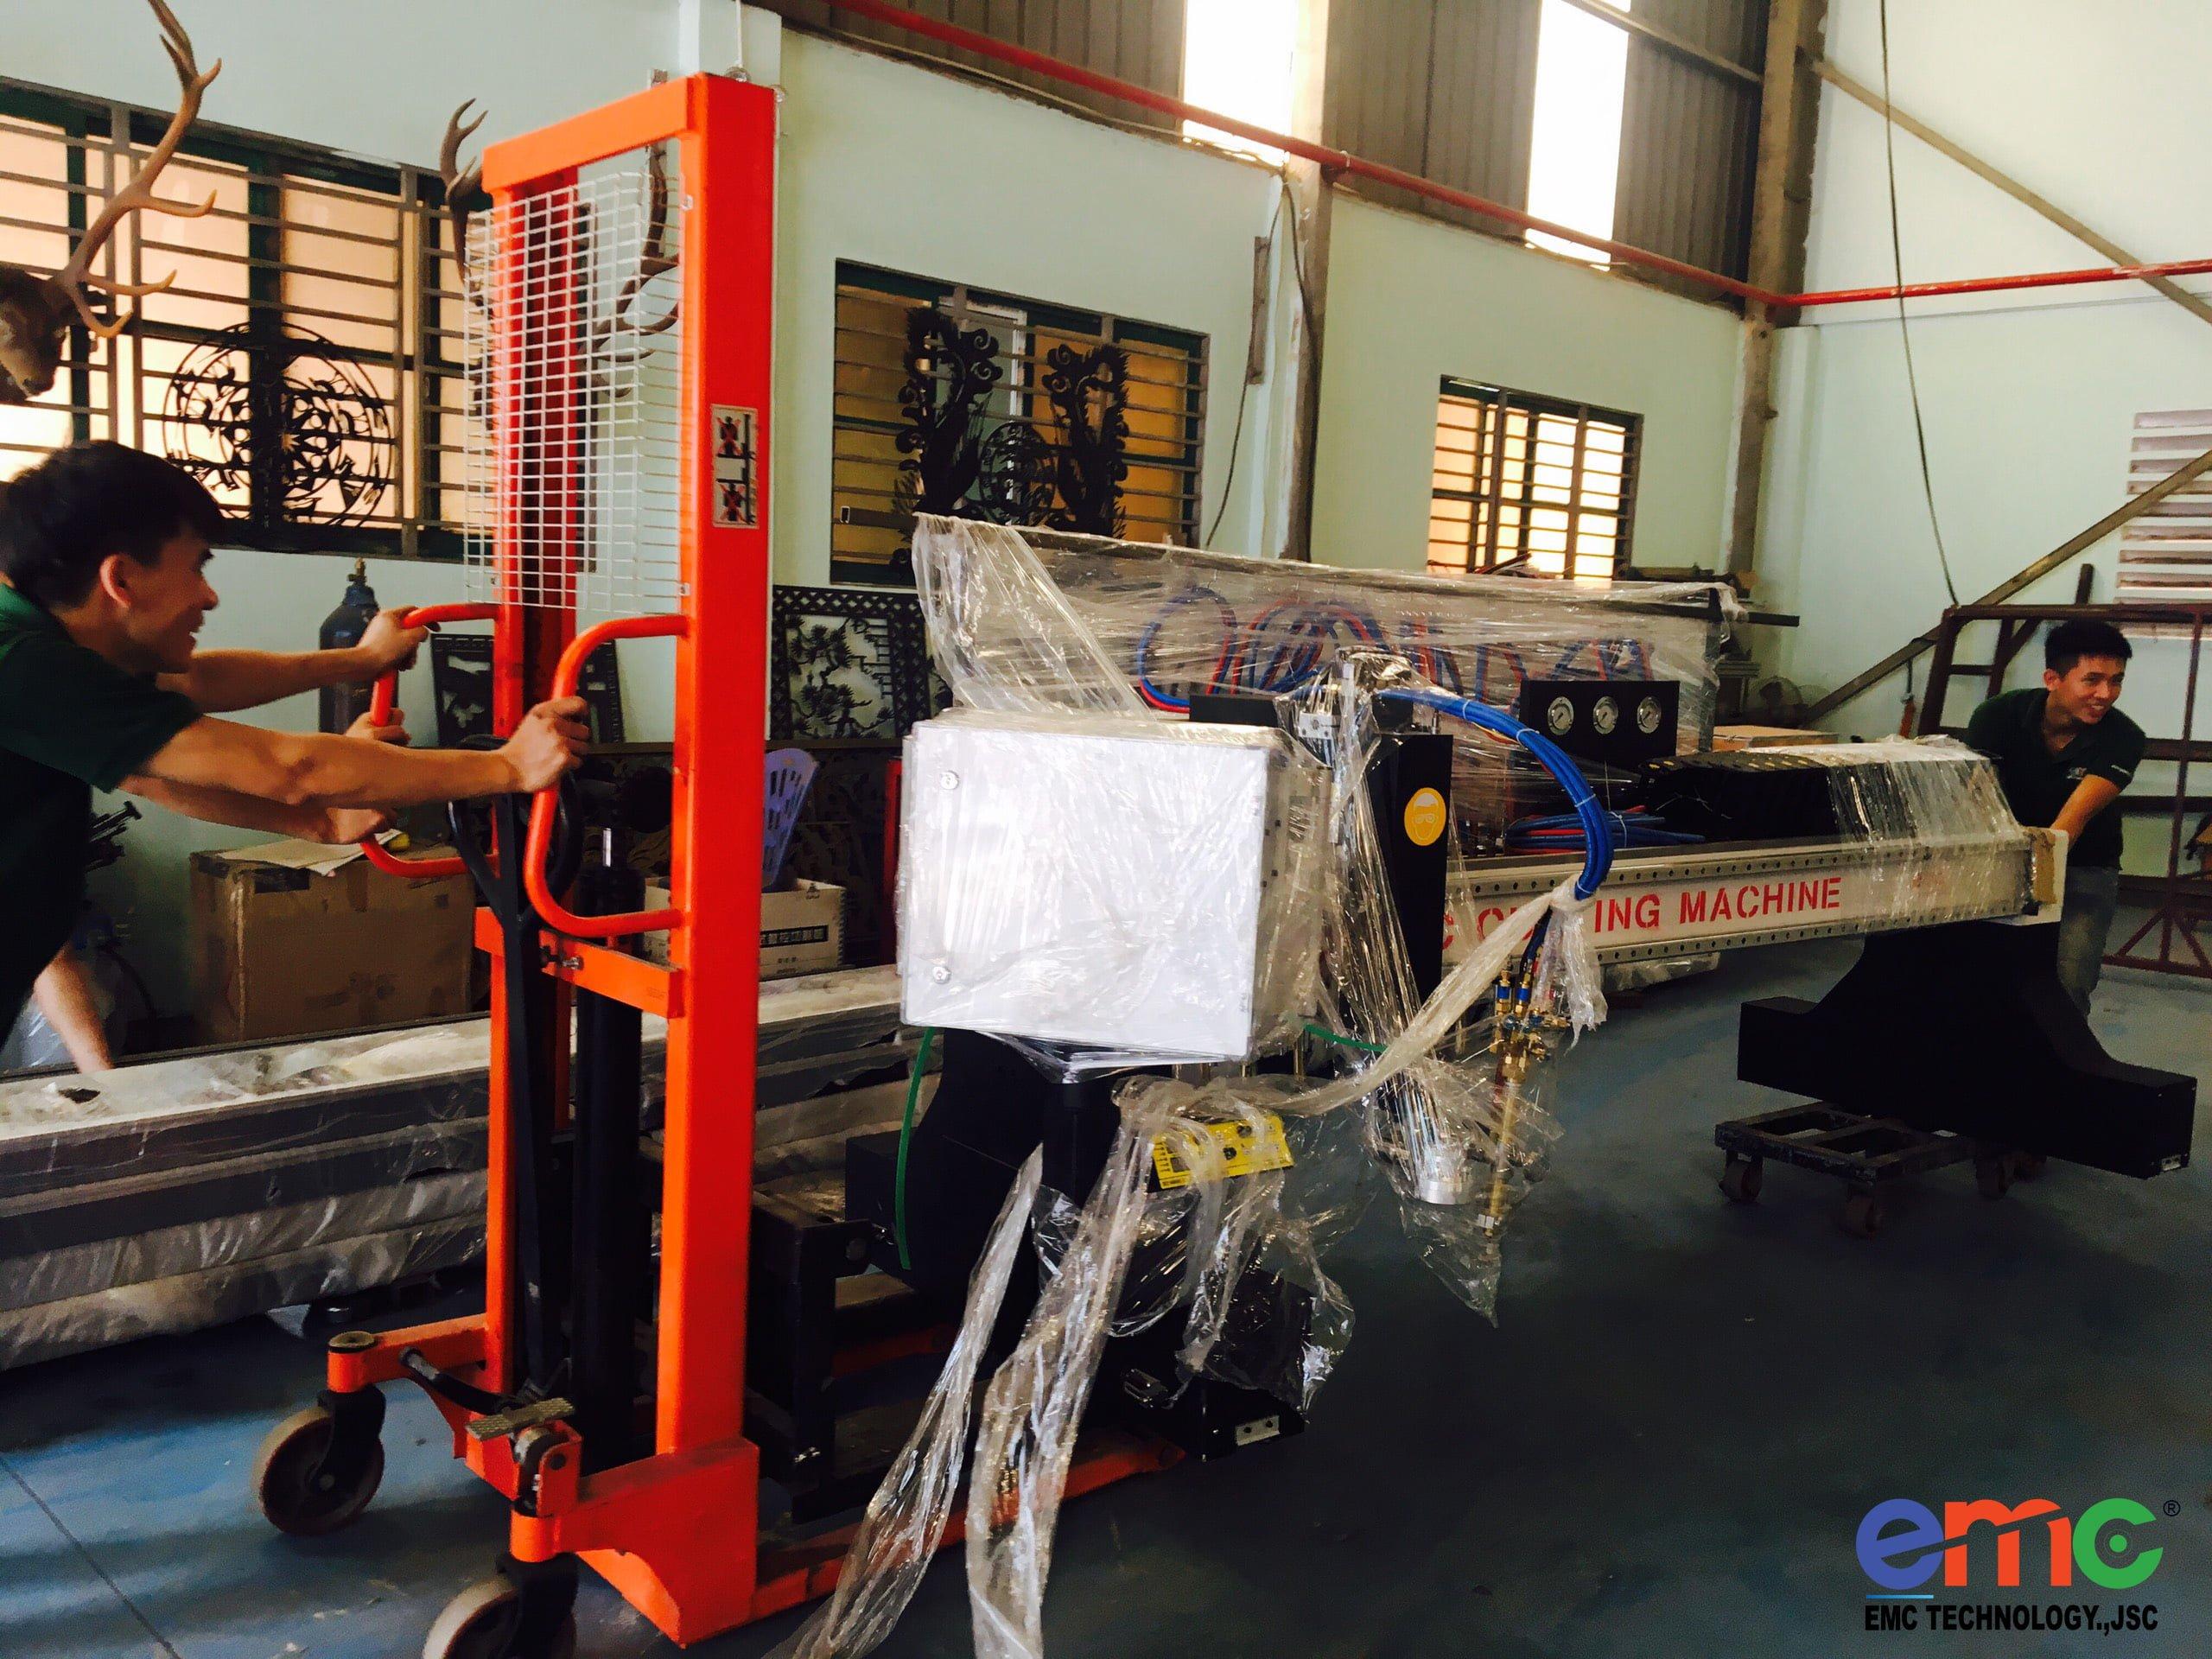 emc 3000 - máy cnc plasma chất lượng tại việt nam